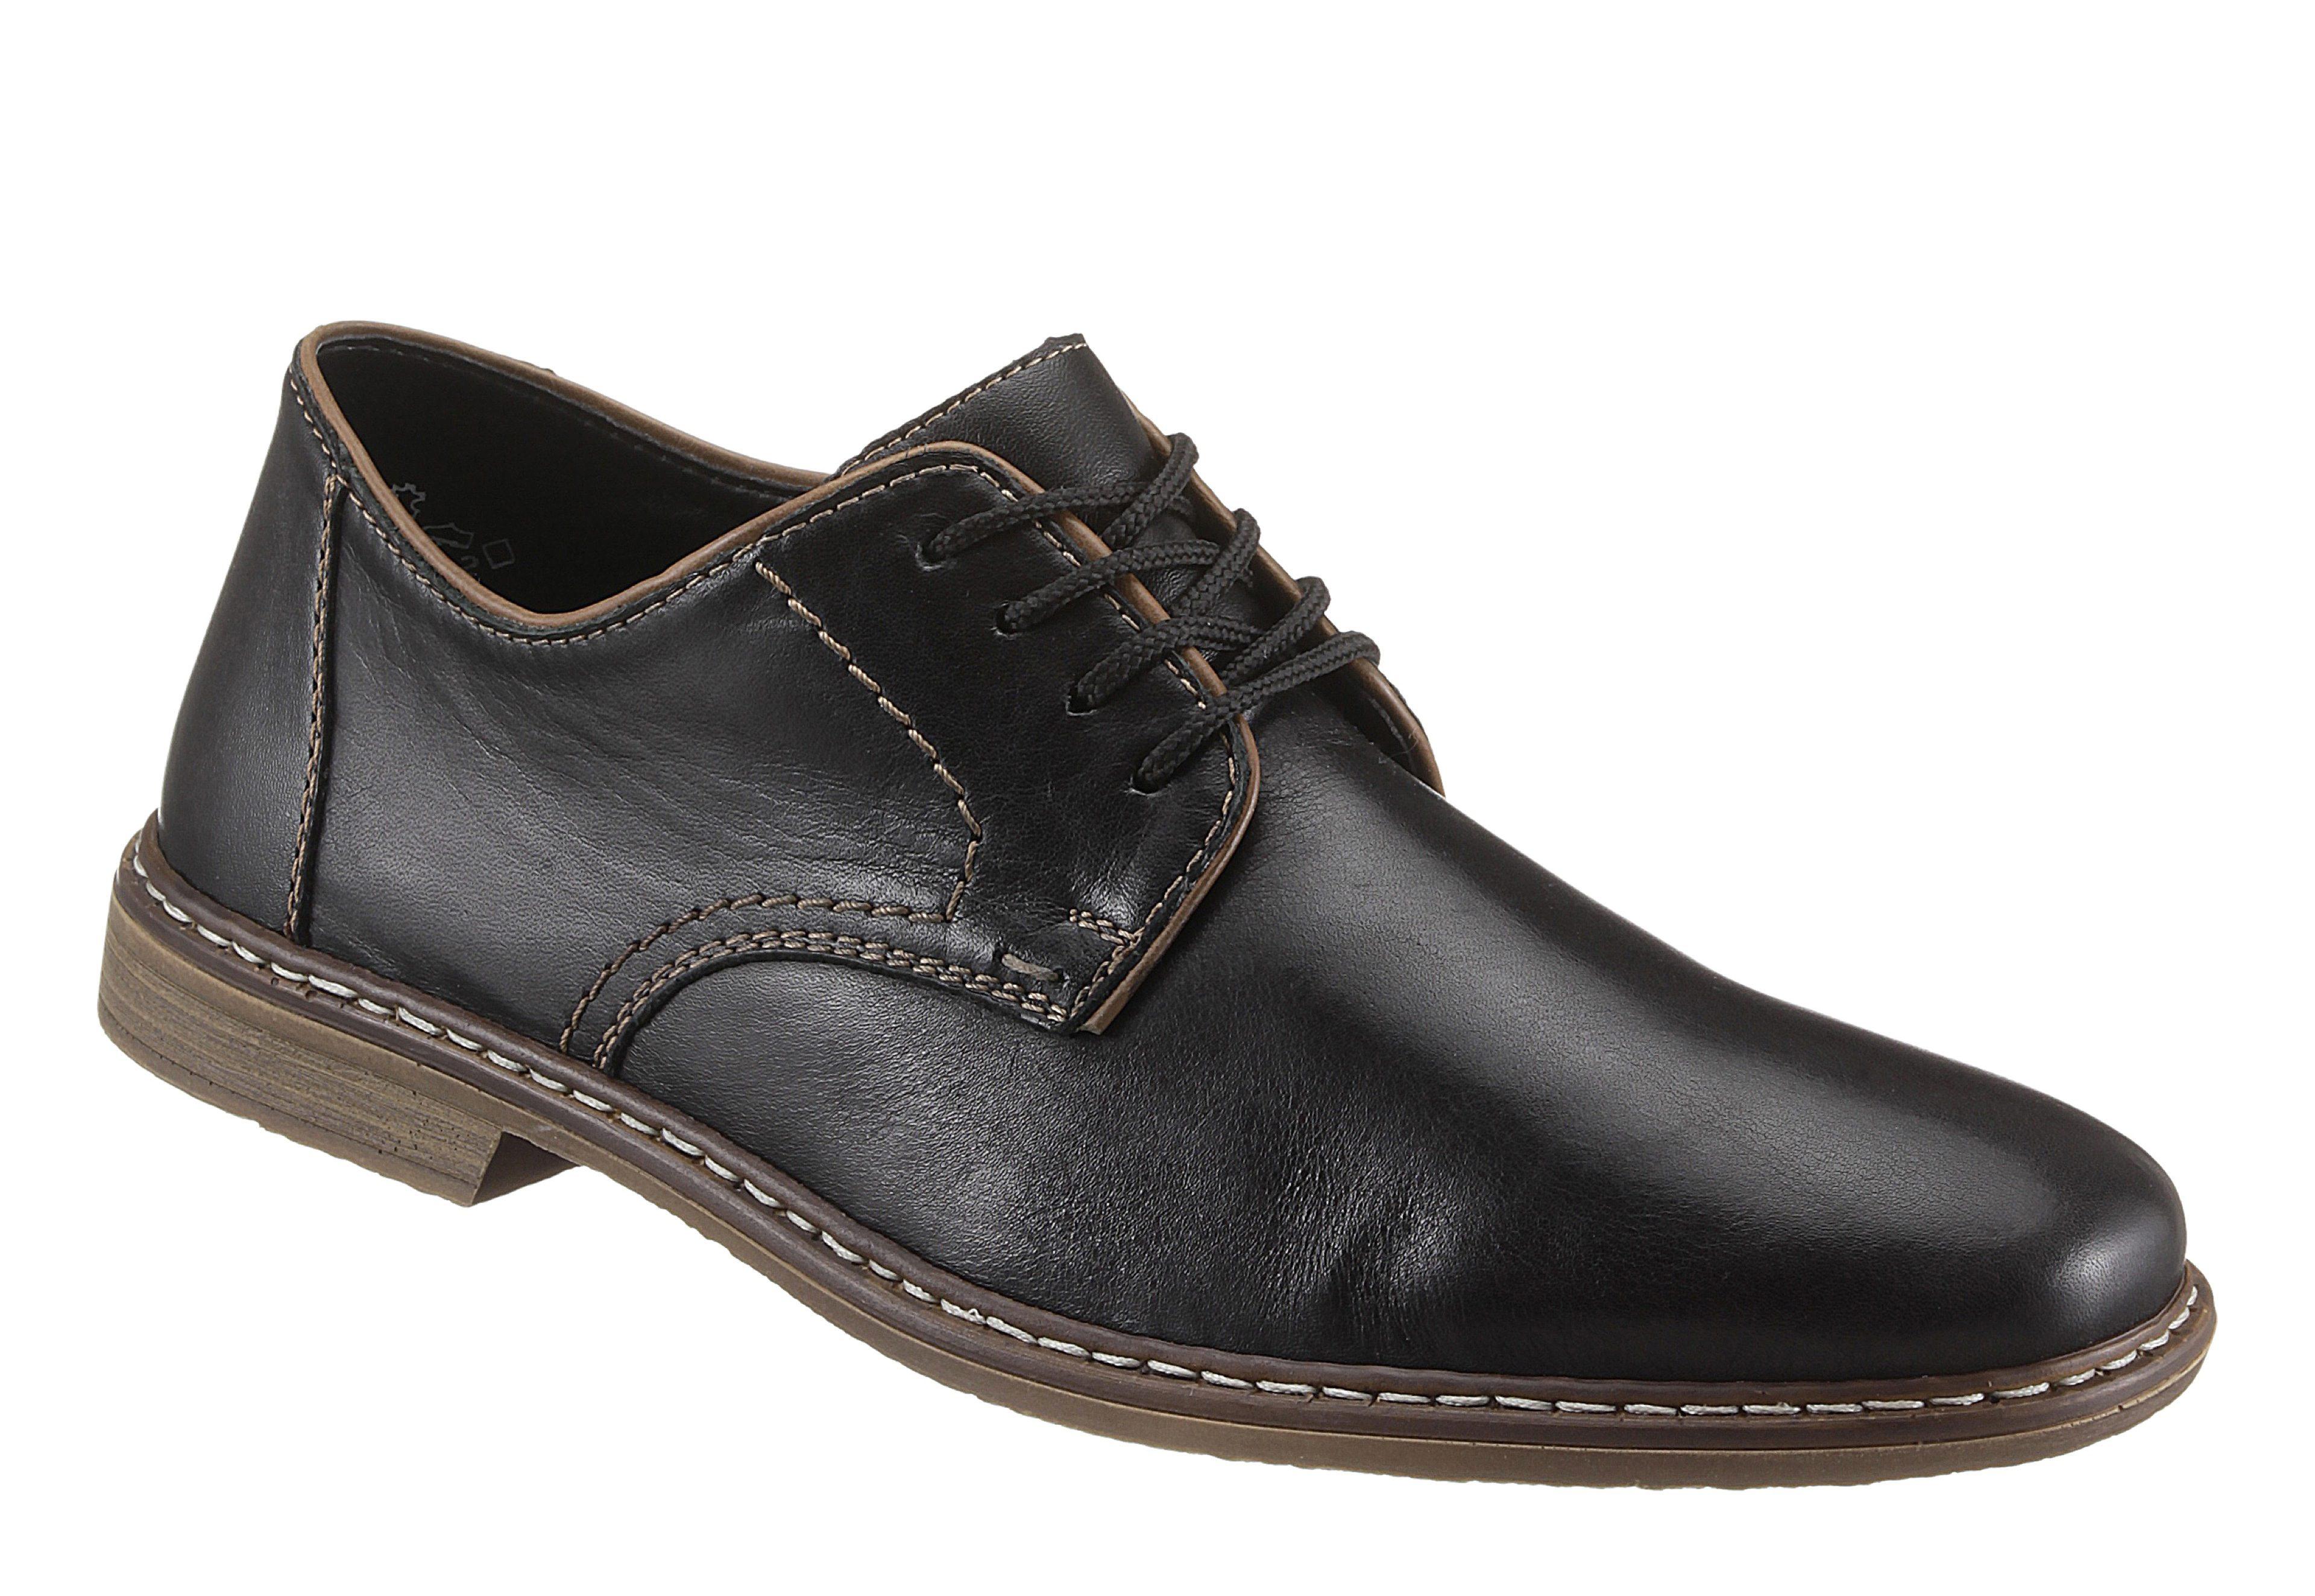 Beliebt Bugatti Herren Business Anzug Schuhe Arbeit schwarz